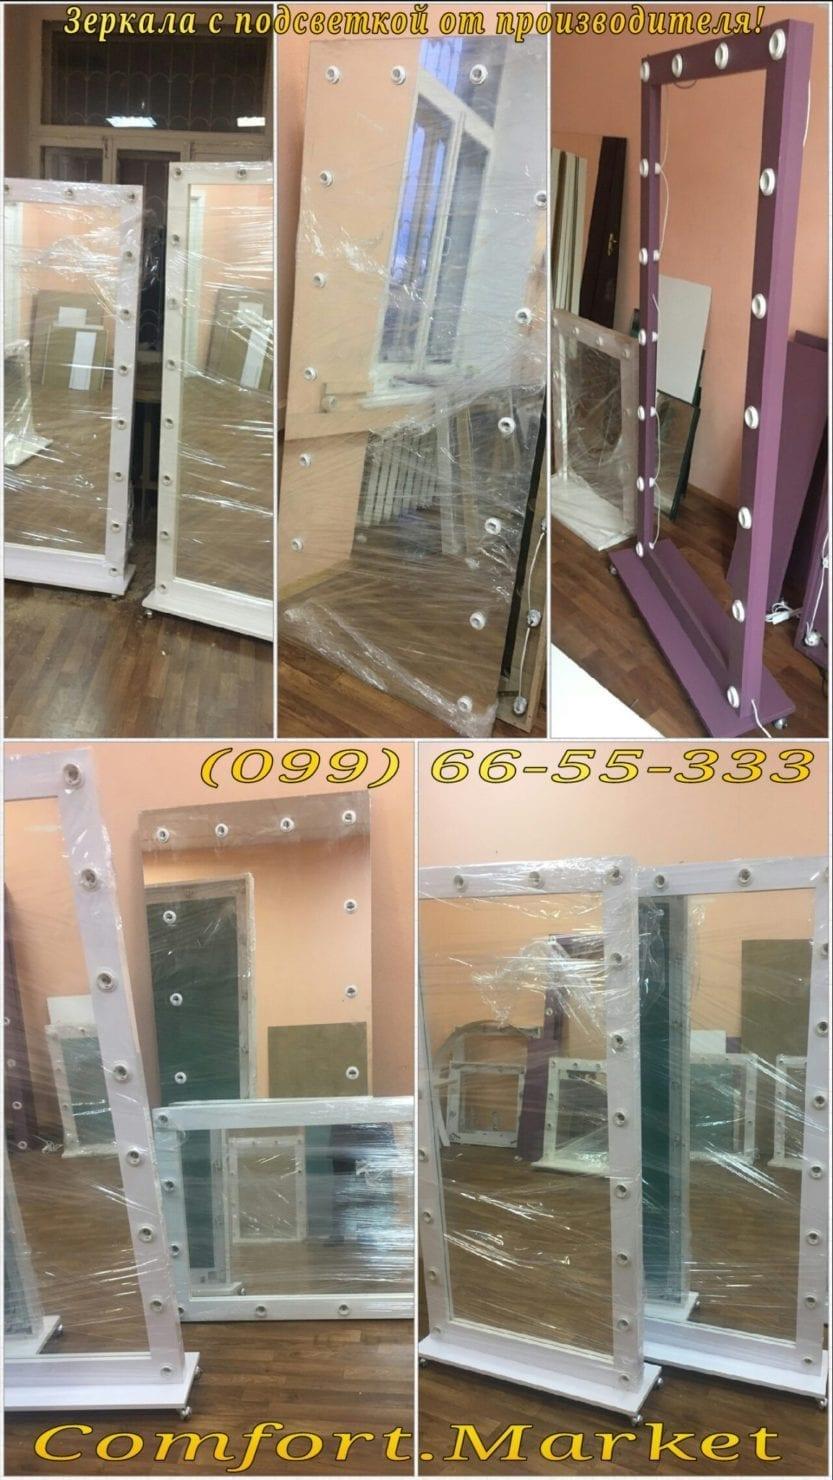 Ассортимент Comfort Market: напольные и настенные зеркала с подсветкой - мебель на заказ.